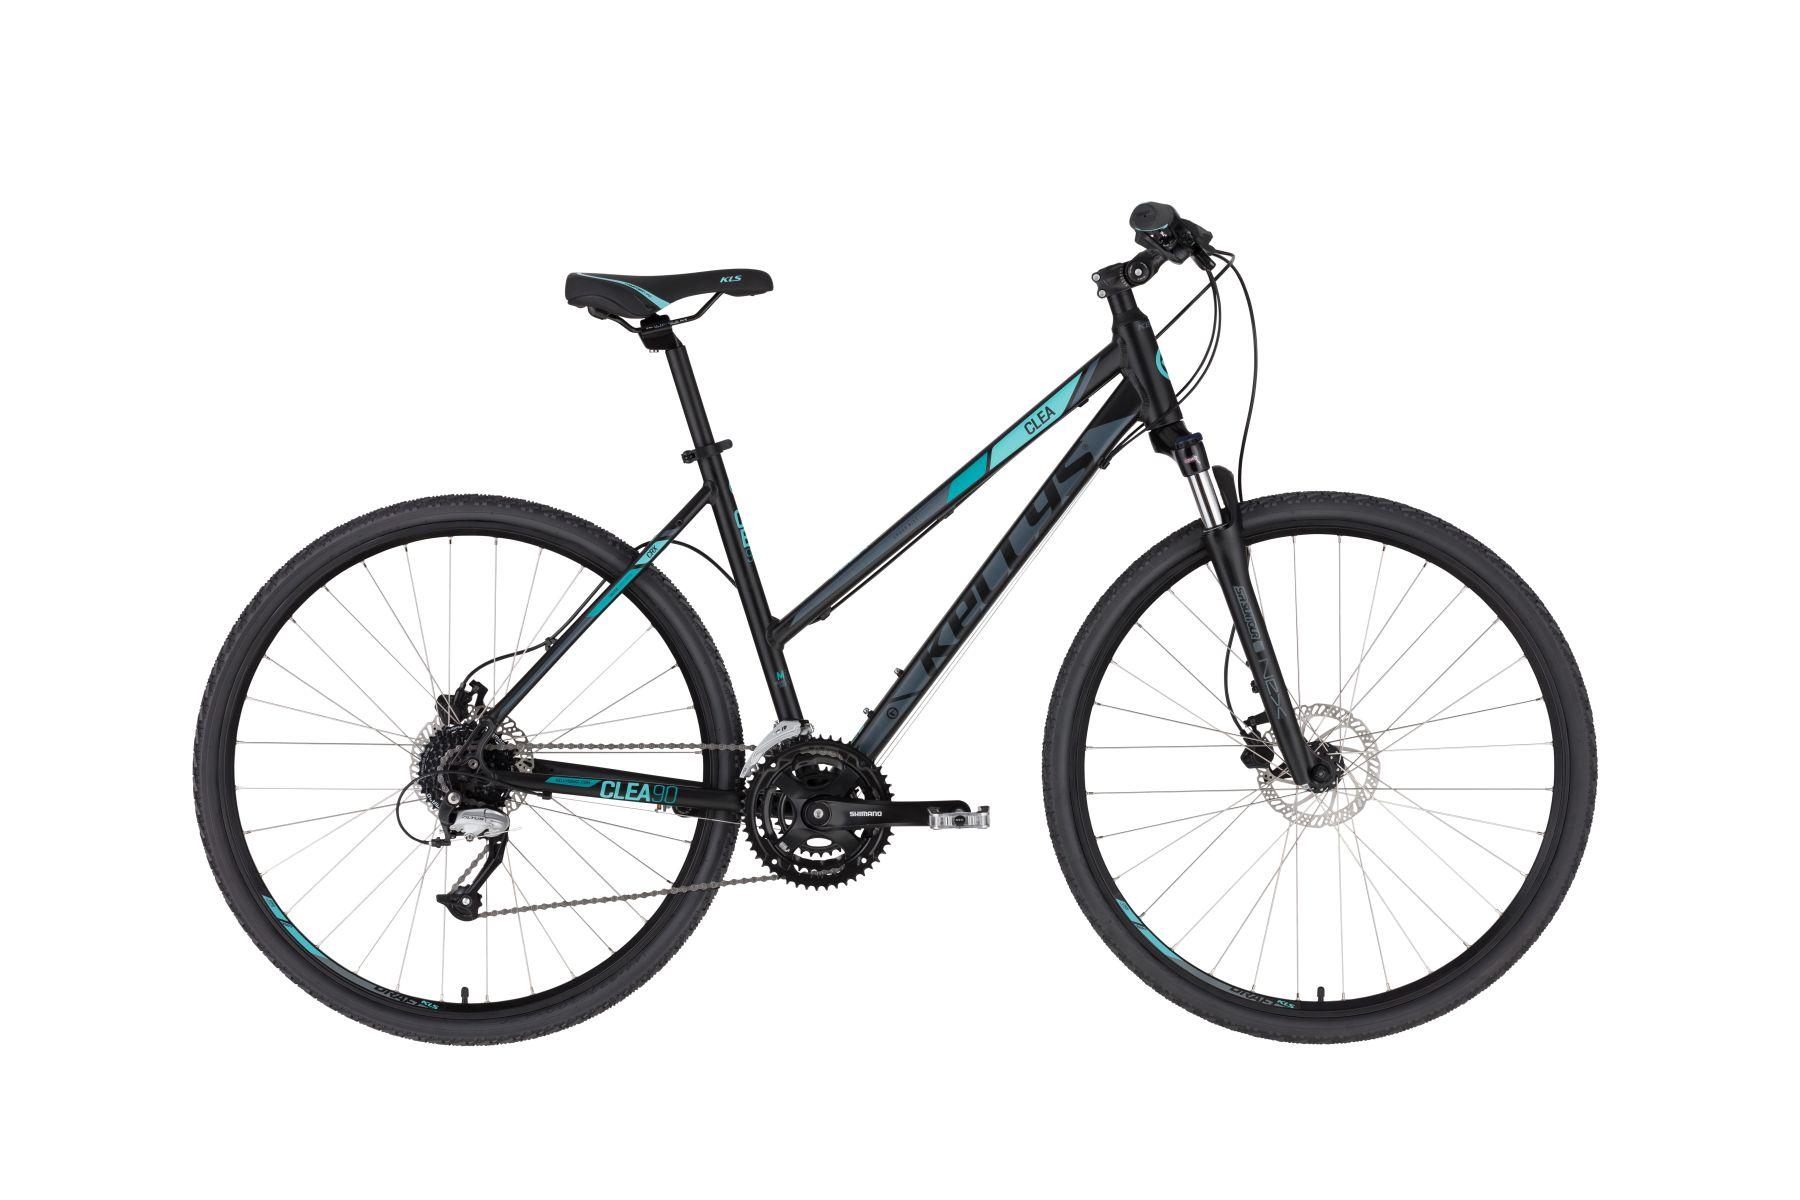 KELLYS Clea 90 női cross kerékpár - fekete/aqua - M (2020)